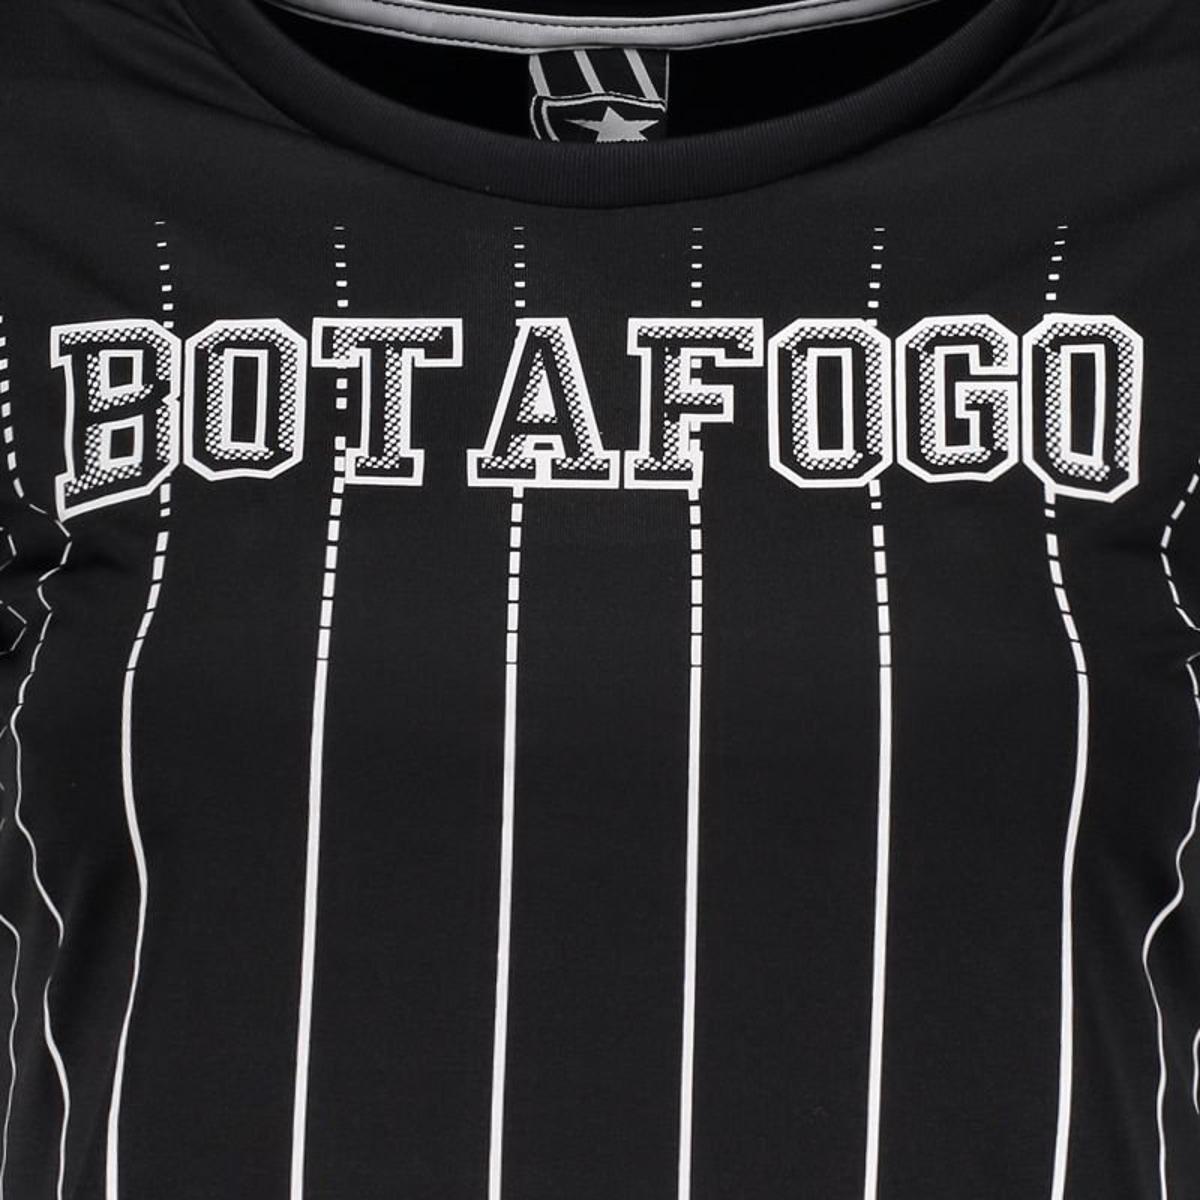 e6df4fc833 Camisa Botafogo Intus Feminina - Preto - Compre Agora